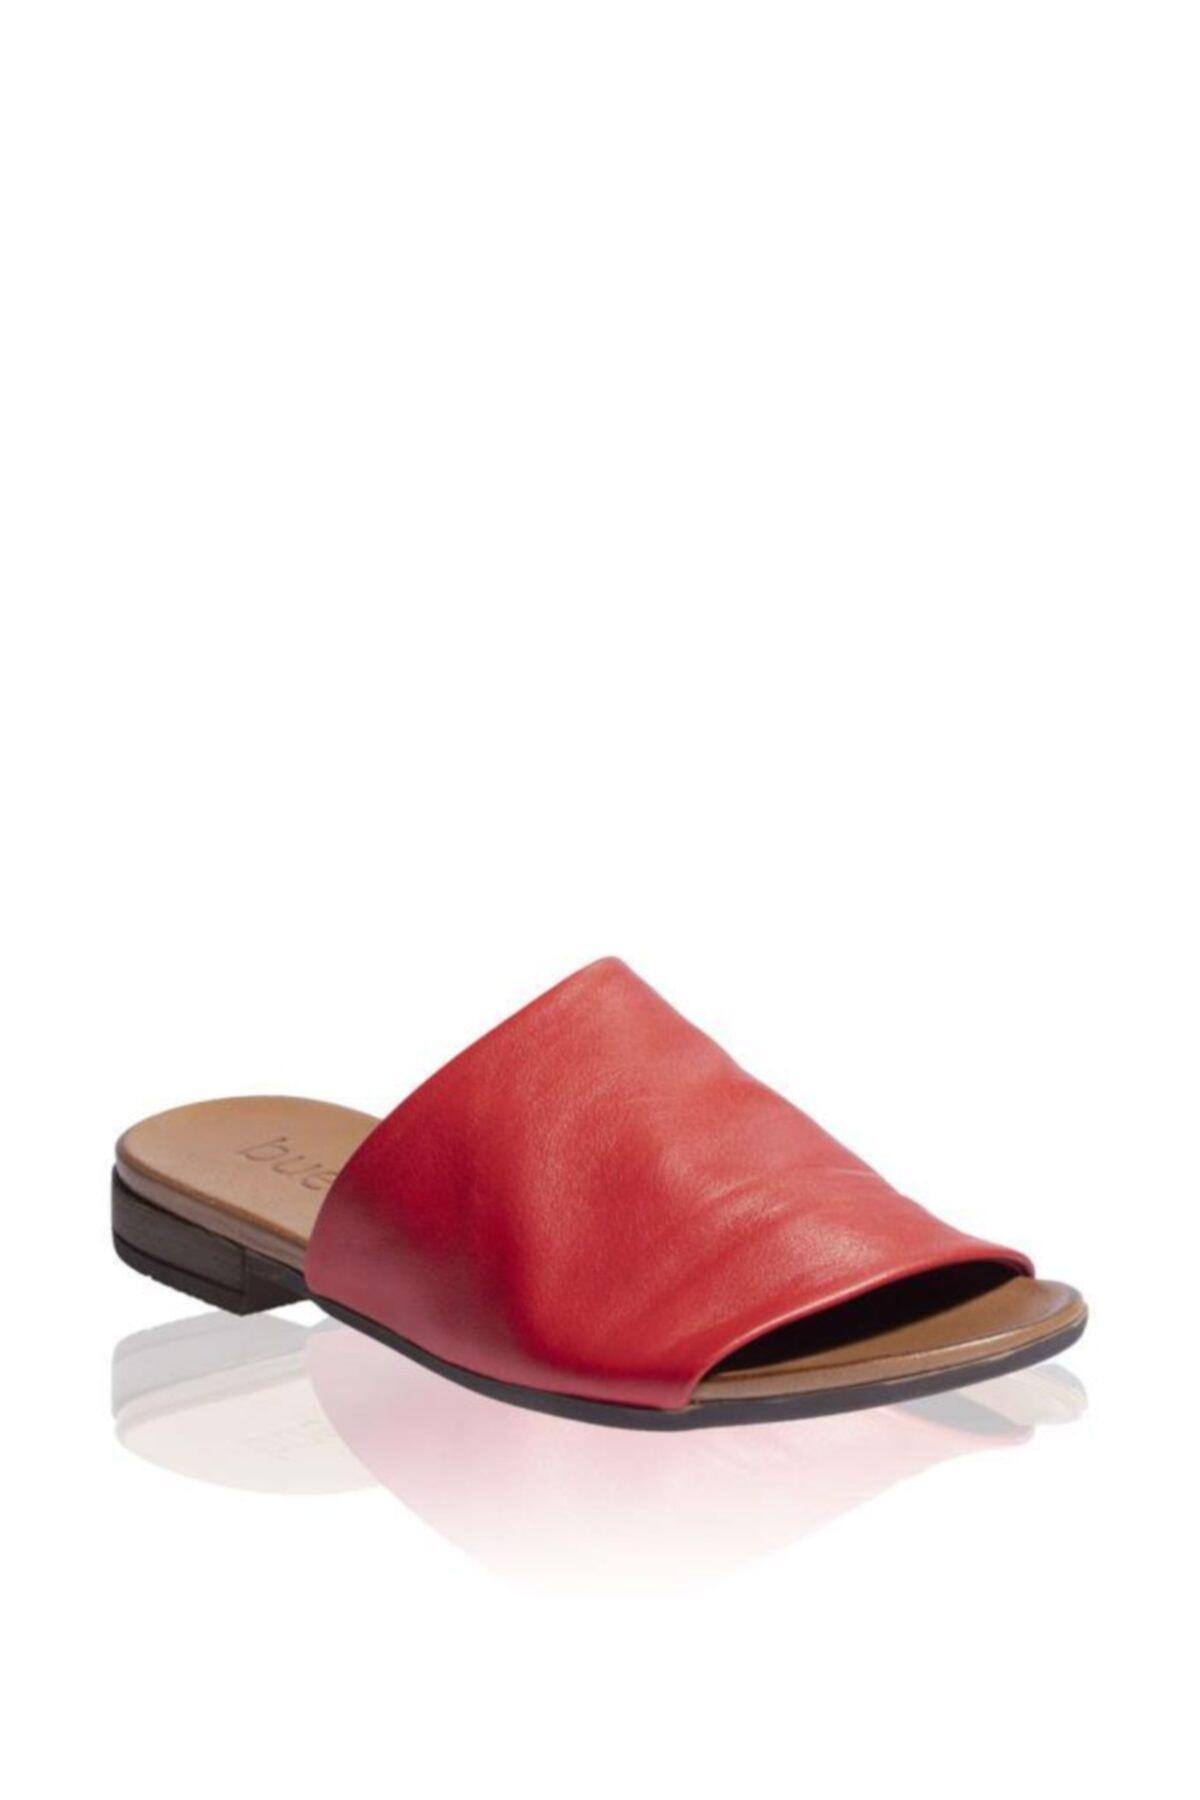 BUENO Shoes Önden Açık Hakiki Deri Kadın Düz Terlik 9n0204 2